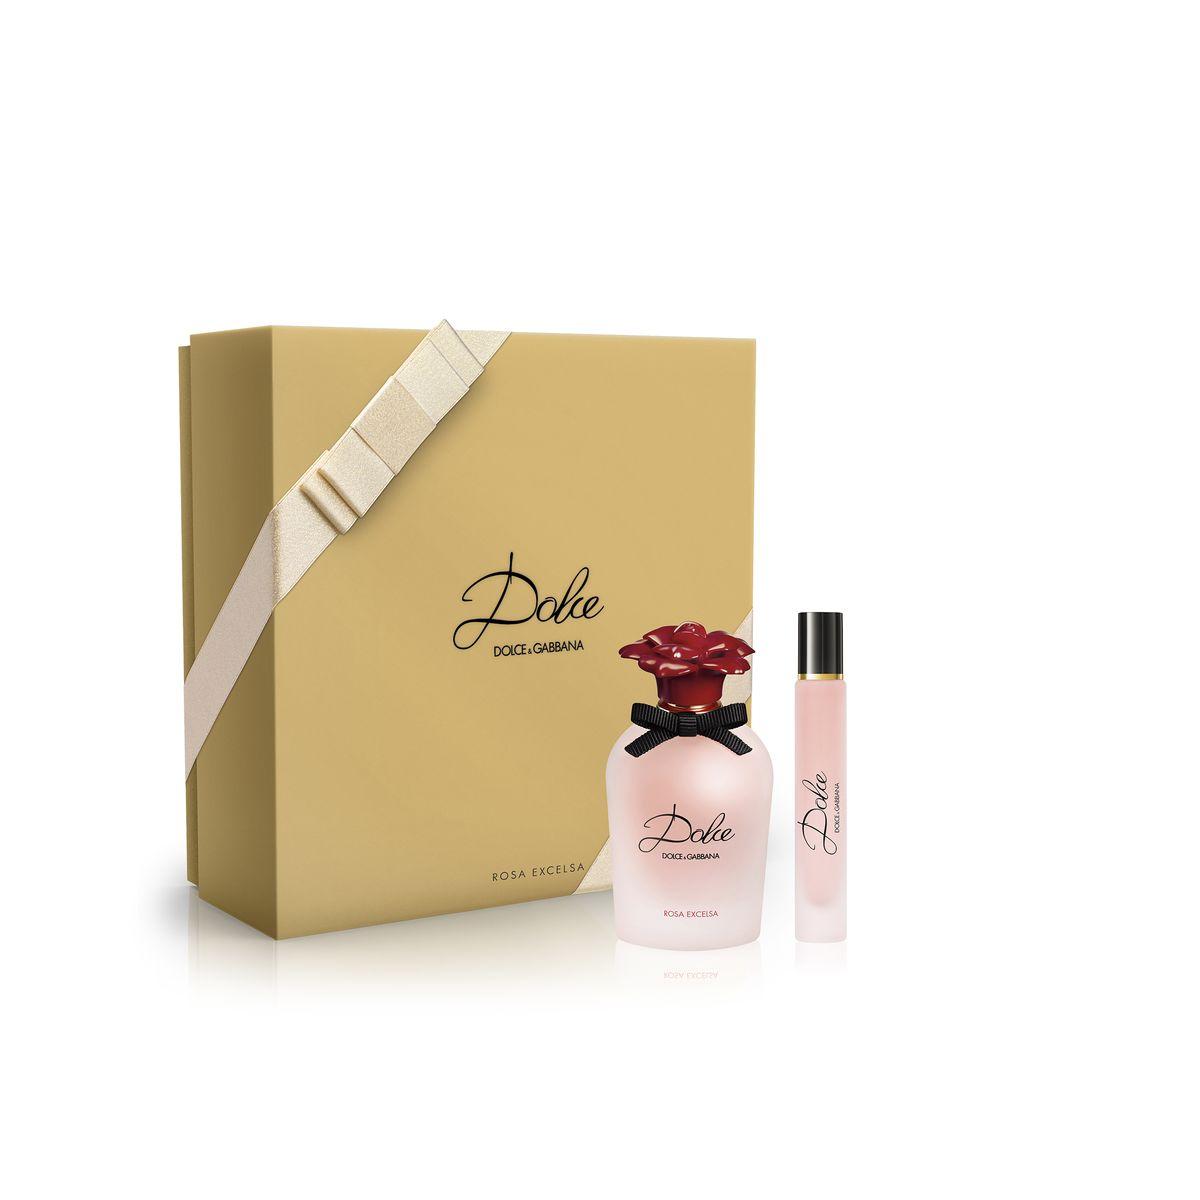 Dolce&Gabbana Парфюмерный набор Dolce Rosa: парфюмерная вода 30 мл, парфюмерная вода-ролик 7,4 мл0730870264065В композицию аромата входит эссенция нежных розовых лепестков, которая делает его оригинальным и неповторимым как и сама роза. В сердце аромата Dolce Rosa Excelsa переплетаются ноты двух видов роз, изысканных и благородных. Впервые в истории в состав парфюмерной композиции аромата вошел африканский шиповник, сделав ее совершенно уникальной. В букет аромата также вплетены женственные ноты невероятно душистой дамасской розы.Краткий гид по парфюмерии: виды, ноты, ароматы, советы по выбору. Статья OZON Гид